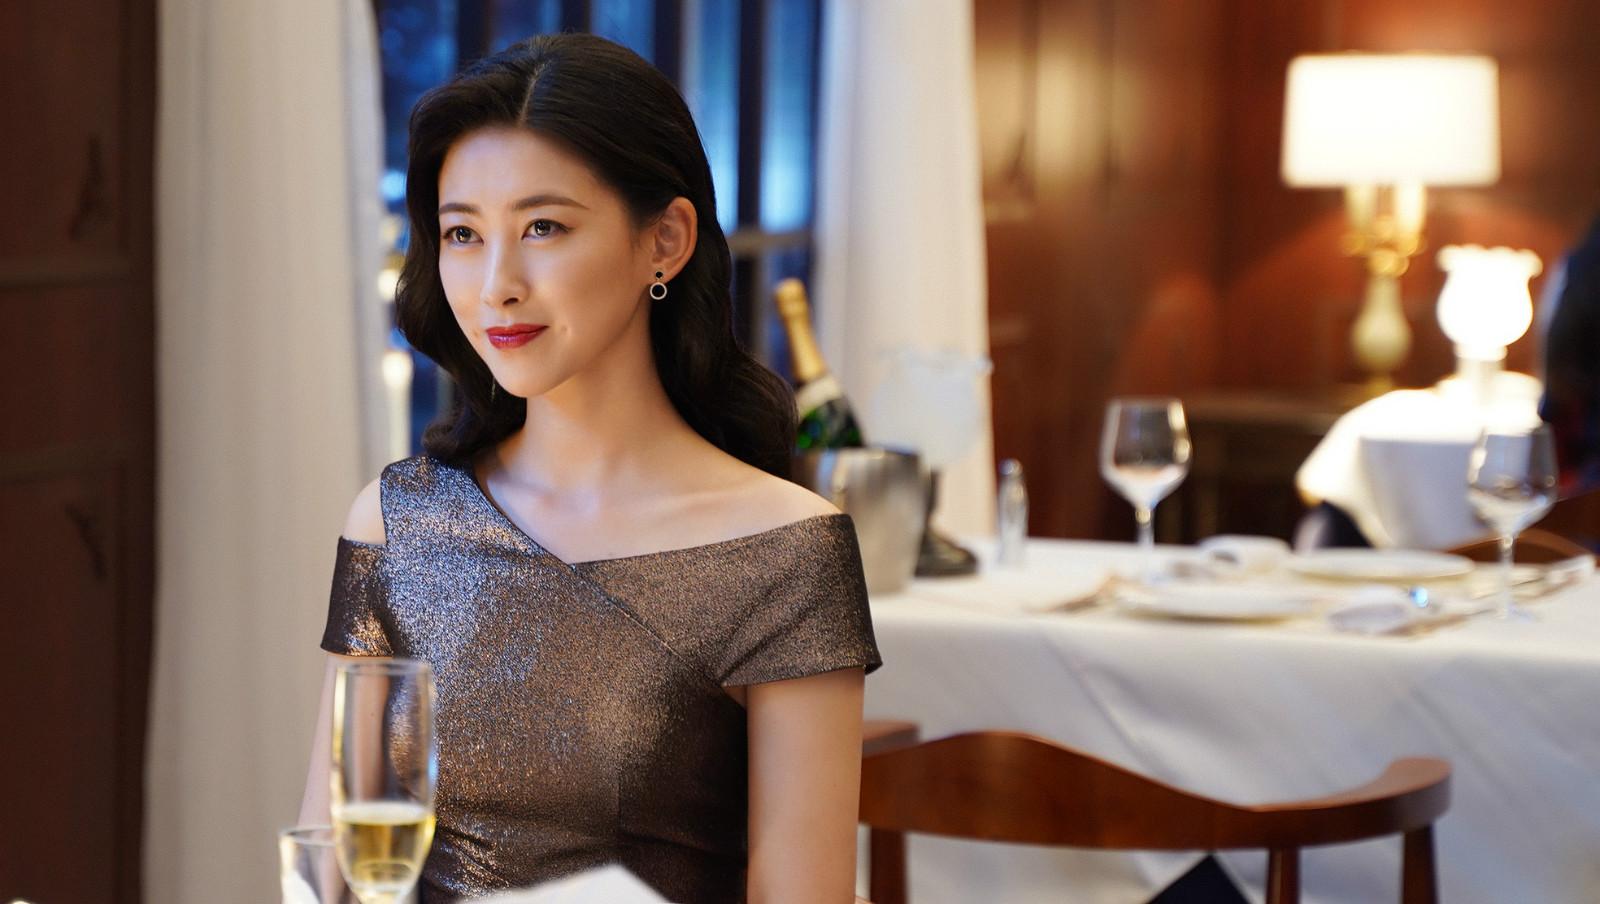 新闻娱乐频道_延续八年入榜全球最美面貌,朱珠为何不火?今竟靠女配秒杀刘亦菲